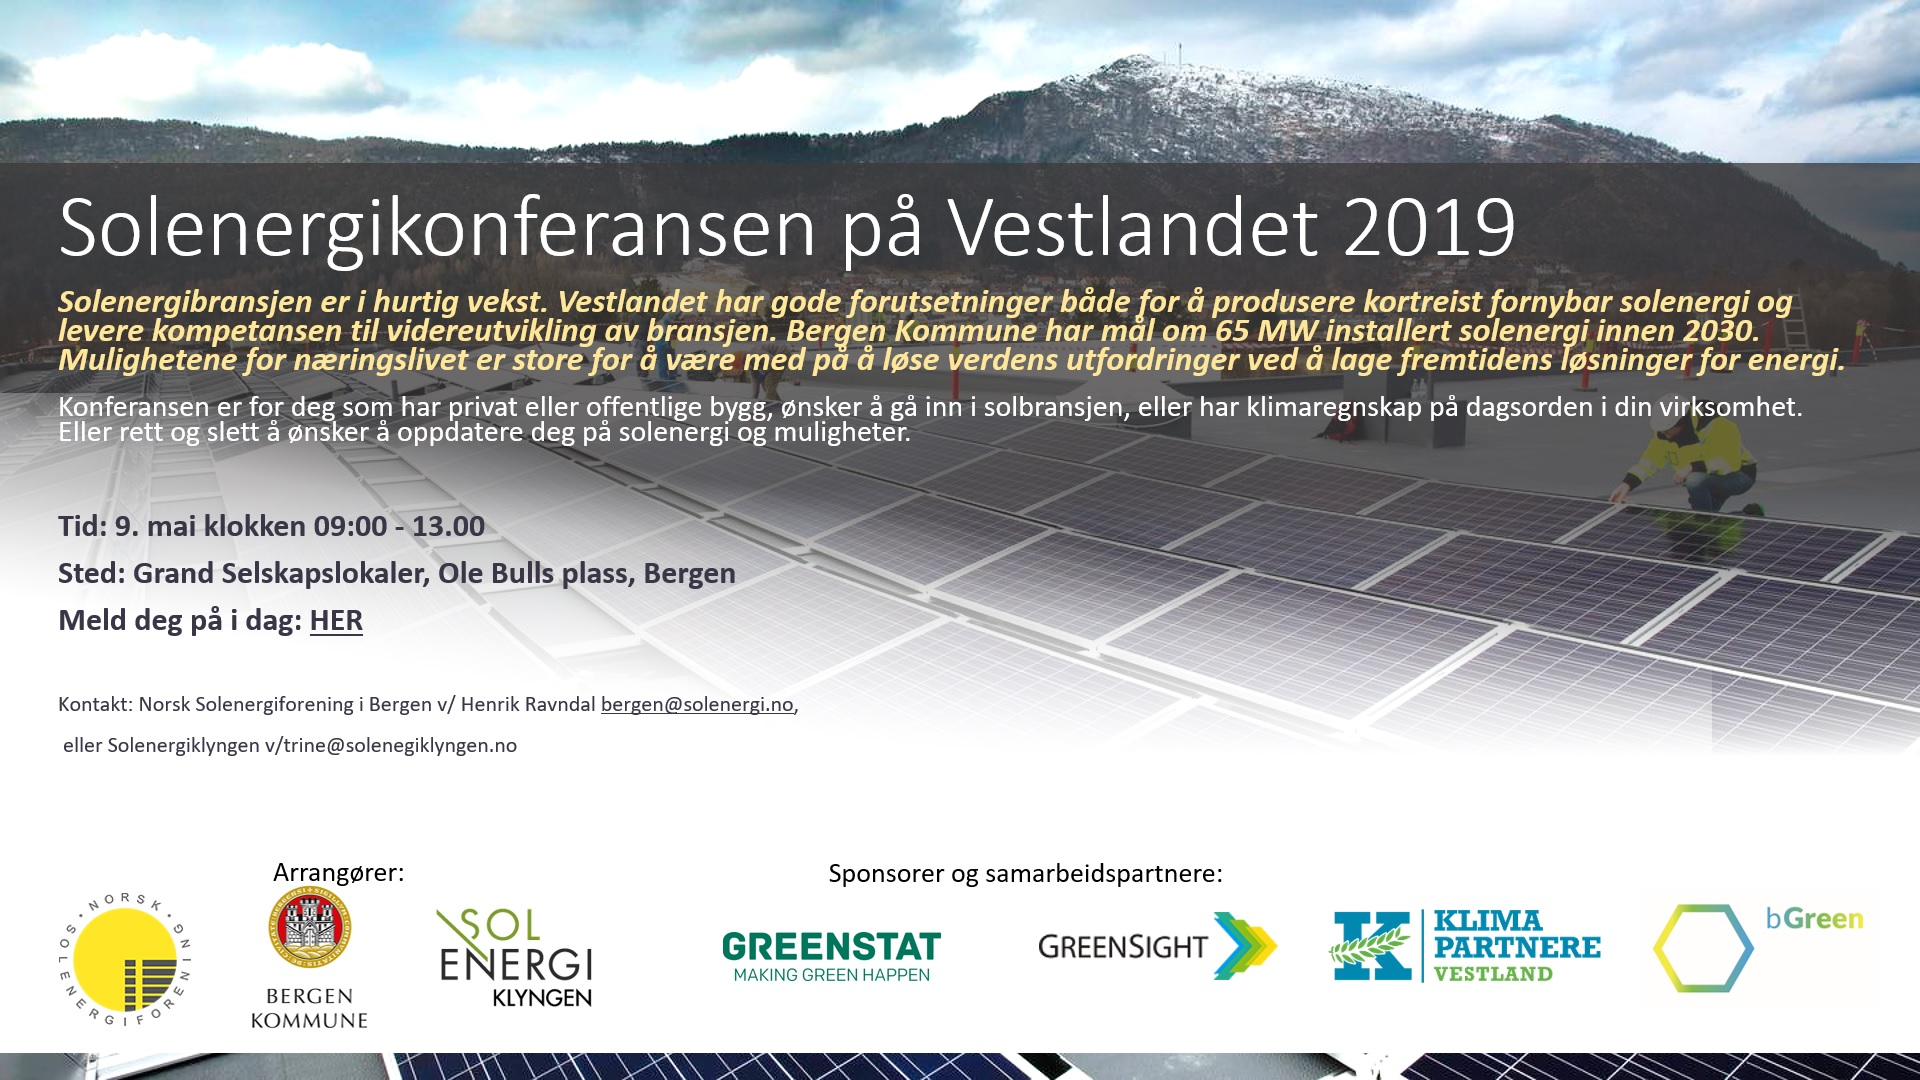 Solenergikonferansen banner.jpg